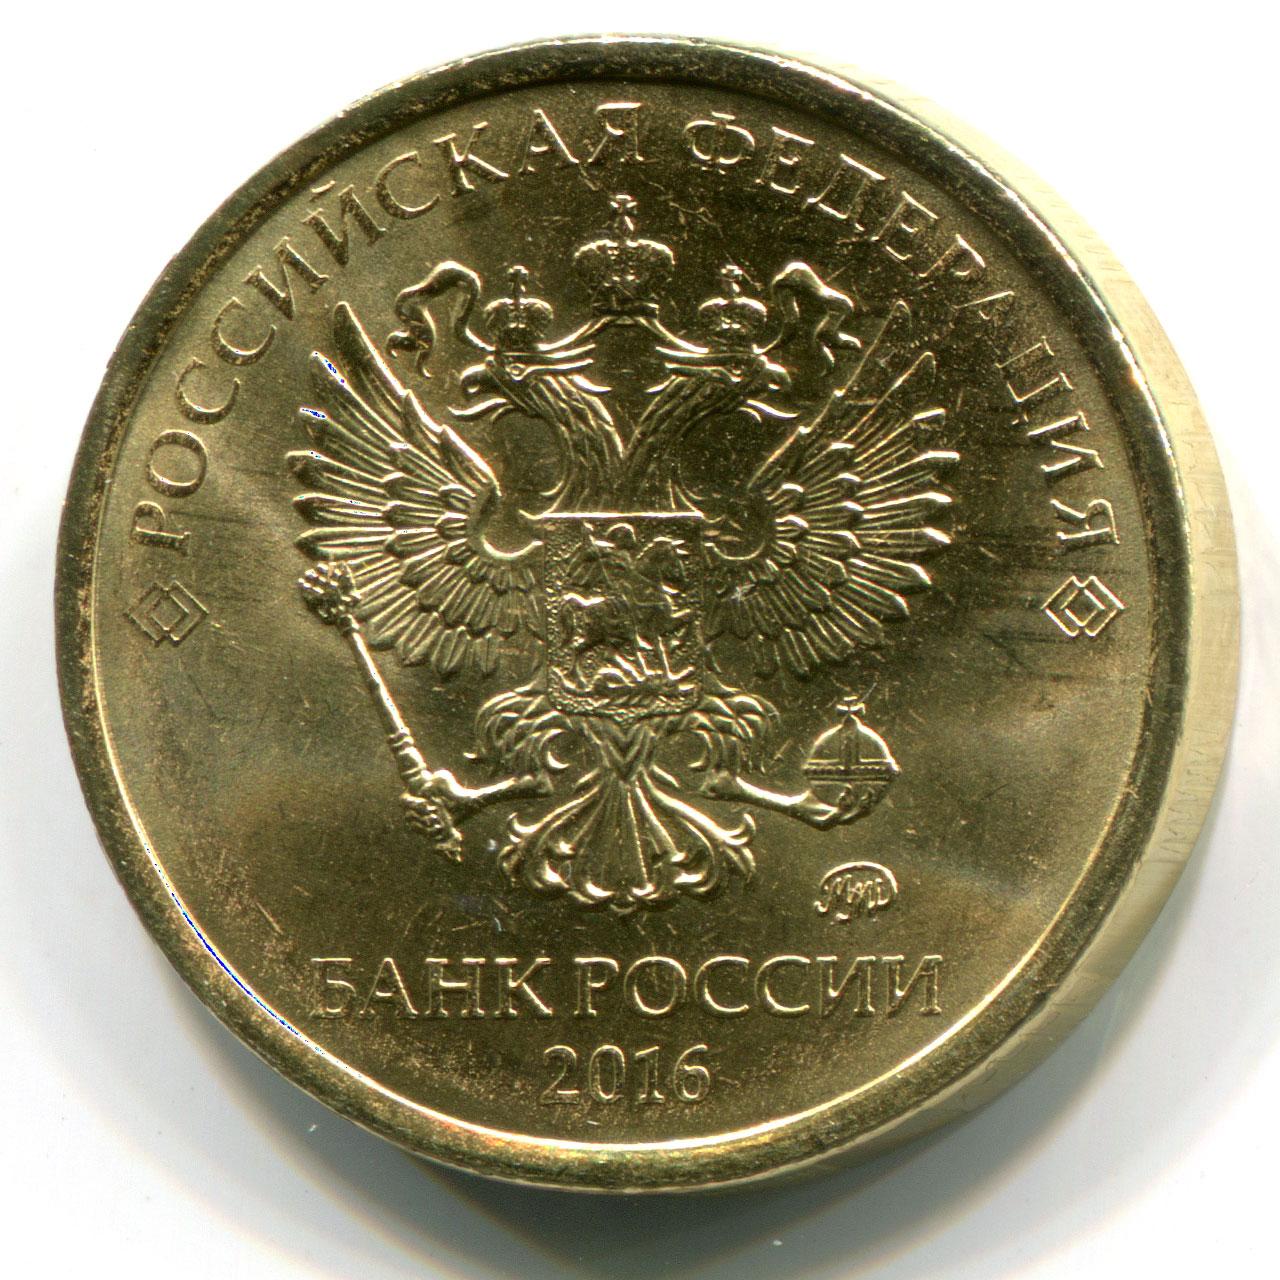 Сколько стоит монета 10 рублей 2016 50 копеек 1982 года